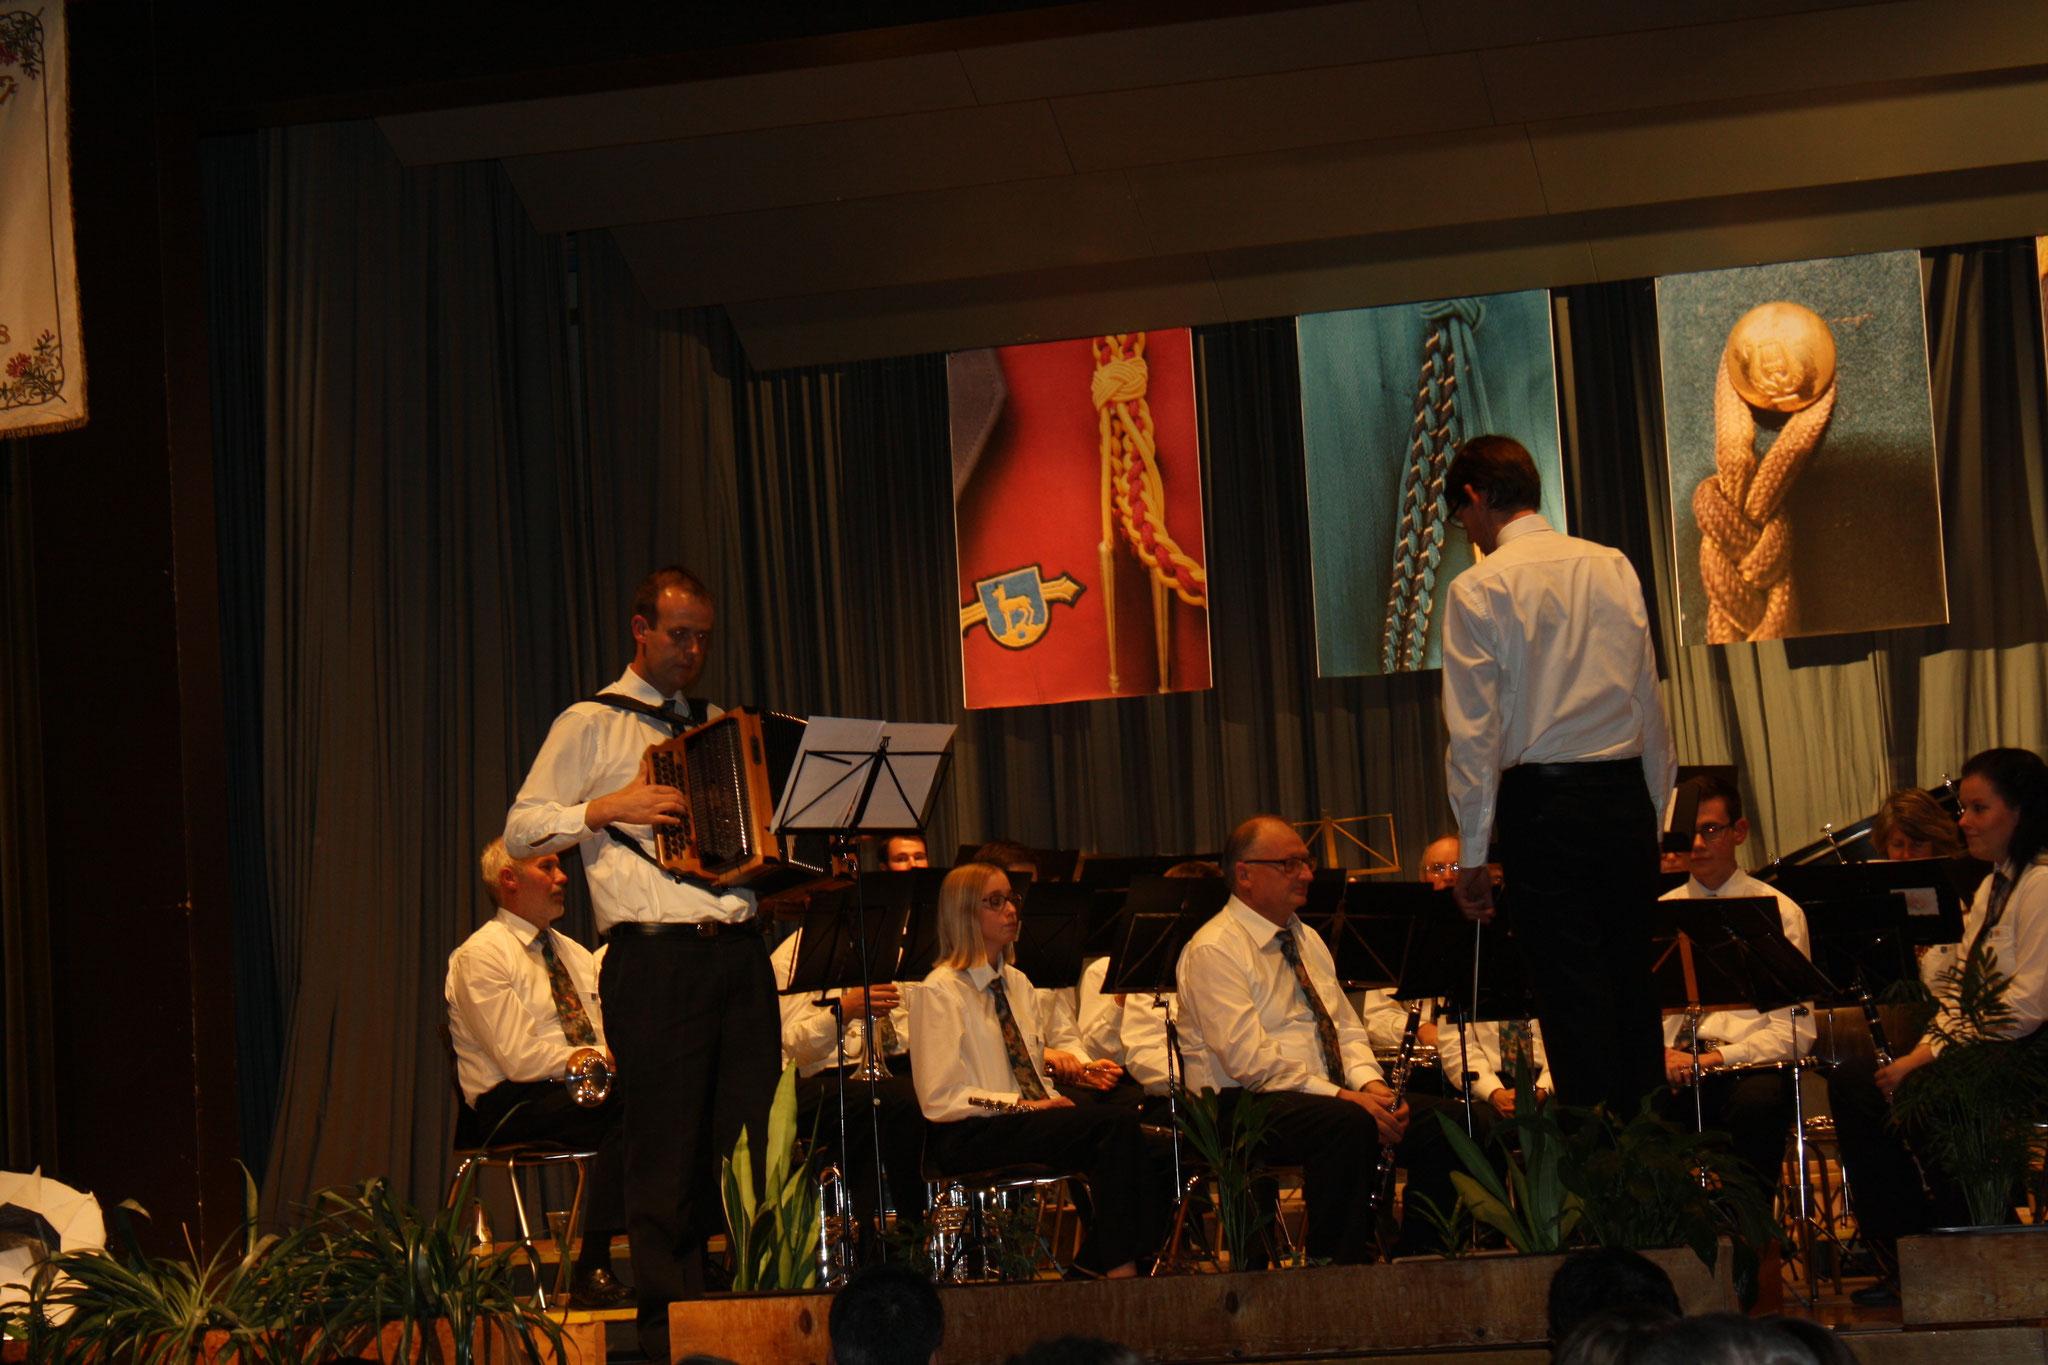 Thomas mit seiner Steirischen Harmonika...